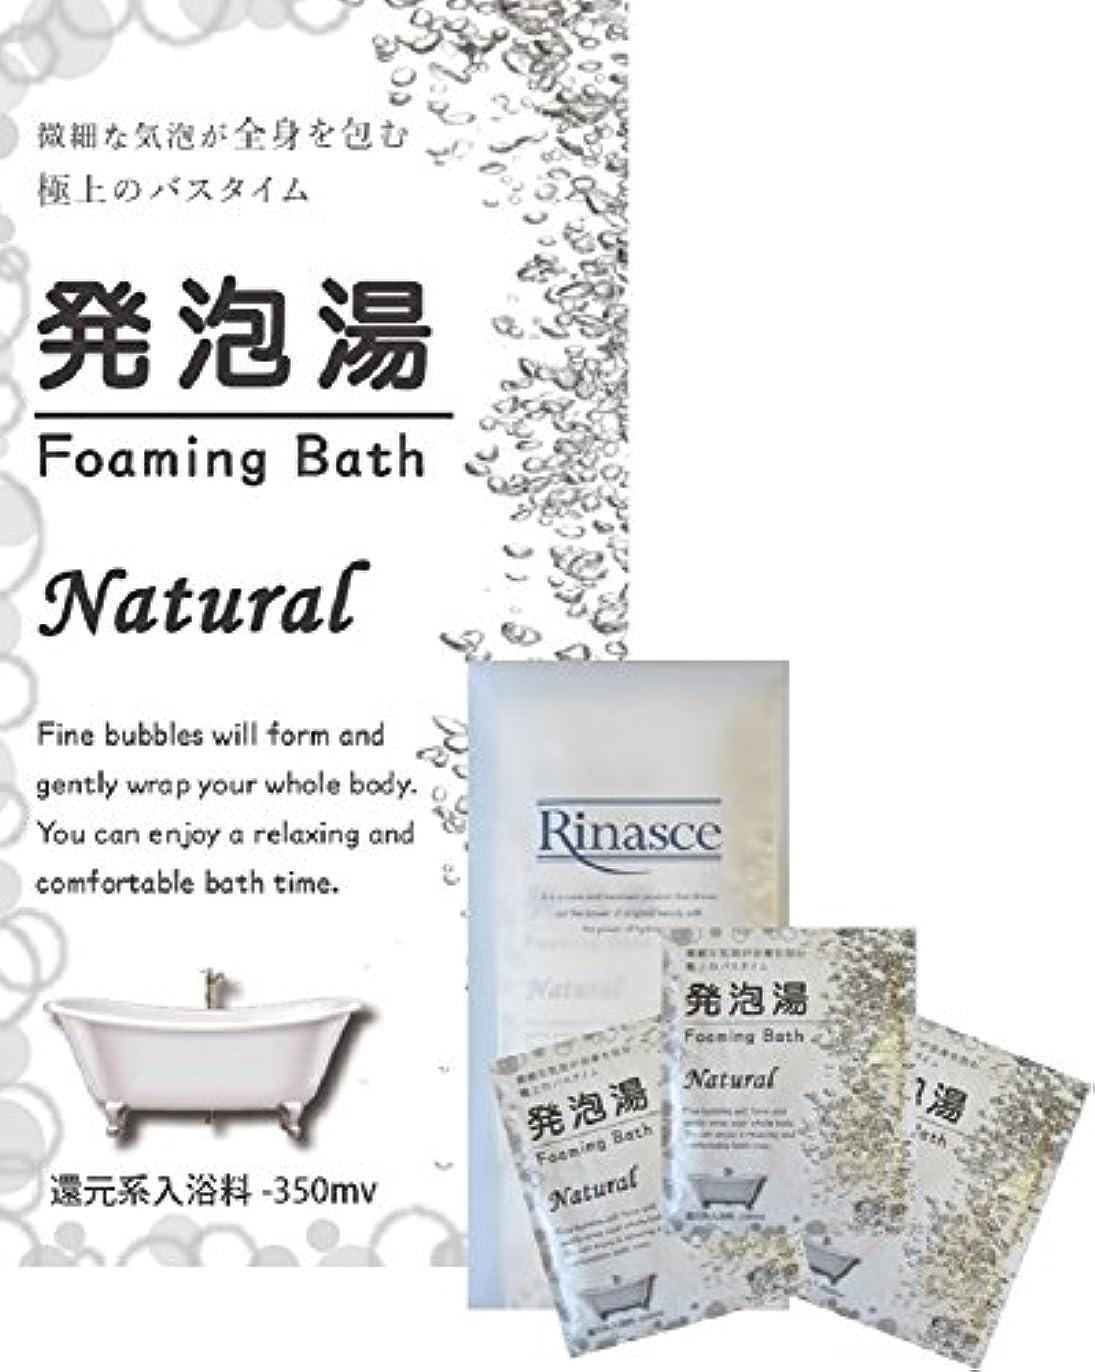 梨順応性破壊【ゆうメール対象】発泡湯(はっぽうとう) Foaming Bath Natural ナチュラル 40g 3包セット/微細な気泡が全身を包む極上のバスタイム